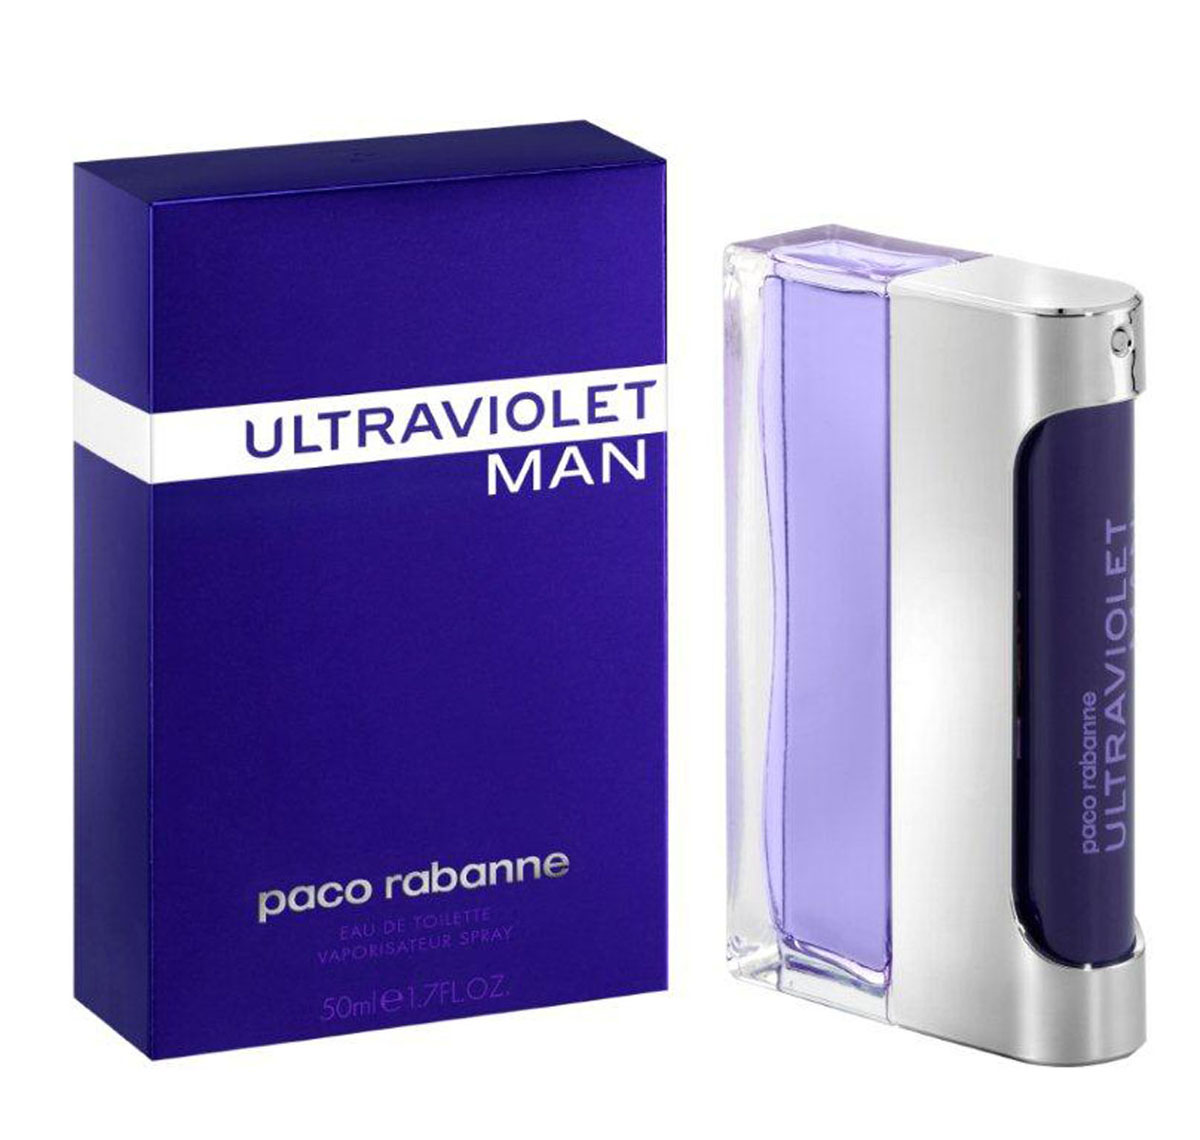 Paco Rabanne Туалетная вода Ultraviolet Man, мужская, 50 мл3349666010525Герой аромата Ultraviolet от Paco Rabanne ценит новые технологии и не боится отличаться от других. Его привлекает только лучшее. Свежий, древесный, амбровый аромат, олицетворяющий истинно мужскую чувственность, был воссоздан благодаря технологии NATURE PRINT. Сначала аромат раскладывают на молекулы и анализируют, затем идентифицируют и с точностью воссоздают наиболее чистые, устойчивые, лучшие ноты. Начальные ноты аромата – это жидкая мята. Ноты сердца звучат органическим ветивером и кристаллическим мхом. Базовые ноты – это серая амбра.Верхняя нота: Русский кориандр, итальянская мята.Средняя нота: Черный перец из Танзании, серая амбра.Шлейф: Пачули из Индонезии, дубовый мох.Руский кориандр, итальянская мята - яркие неземные аккорды аромата.